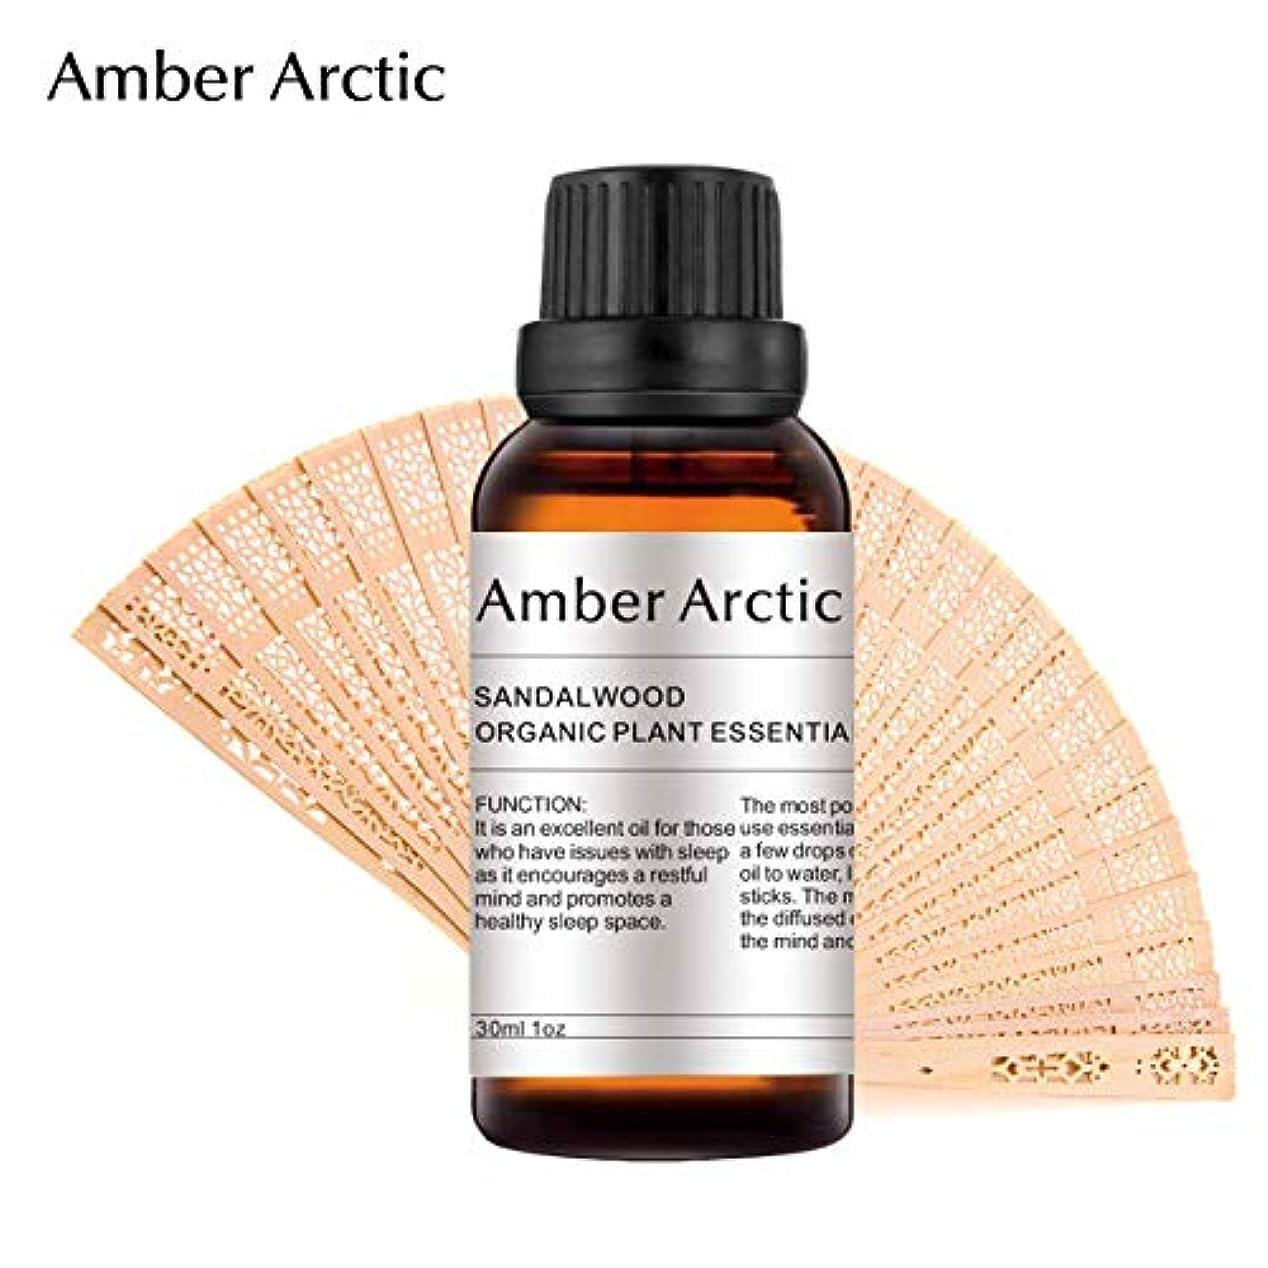 マークされた騙す原点AMBER ARCTIC エッセンシャル オイル ディフューザー 用 100% 純粋 新鮮 有機 植物 セラピー オイル 30Ml サンダルウッド サンダルウッド